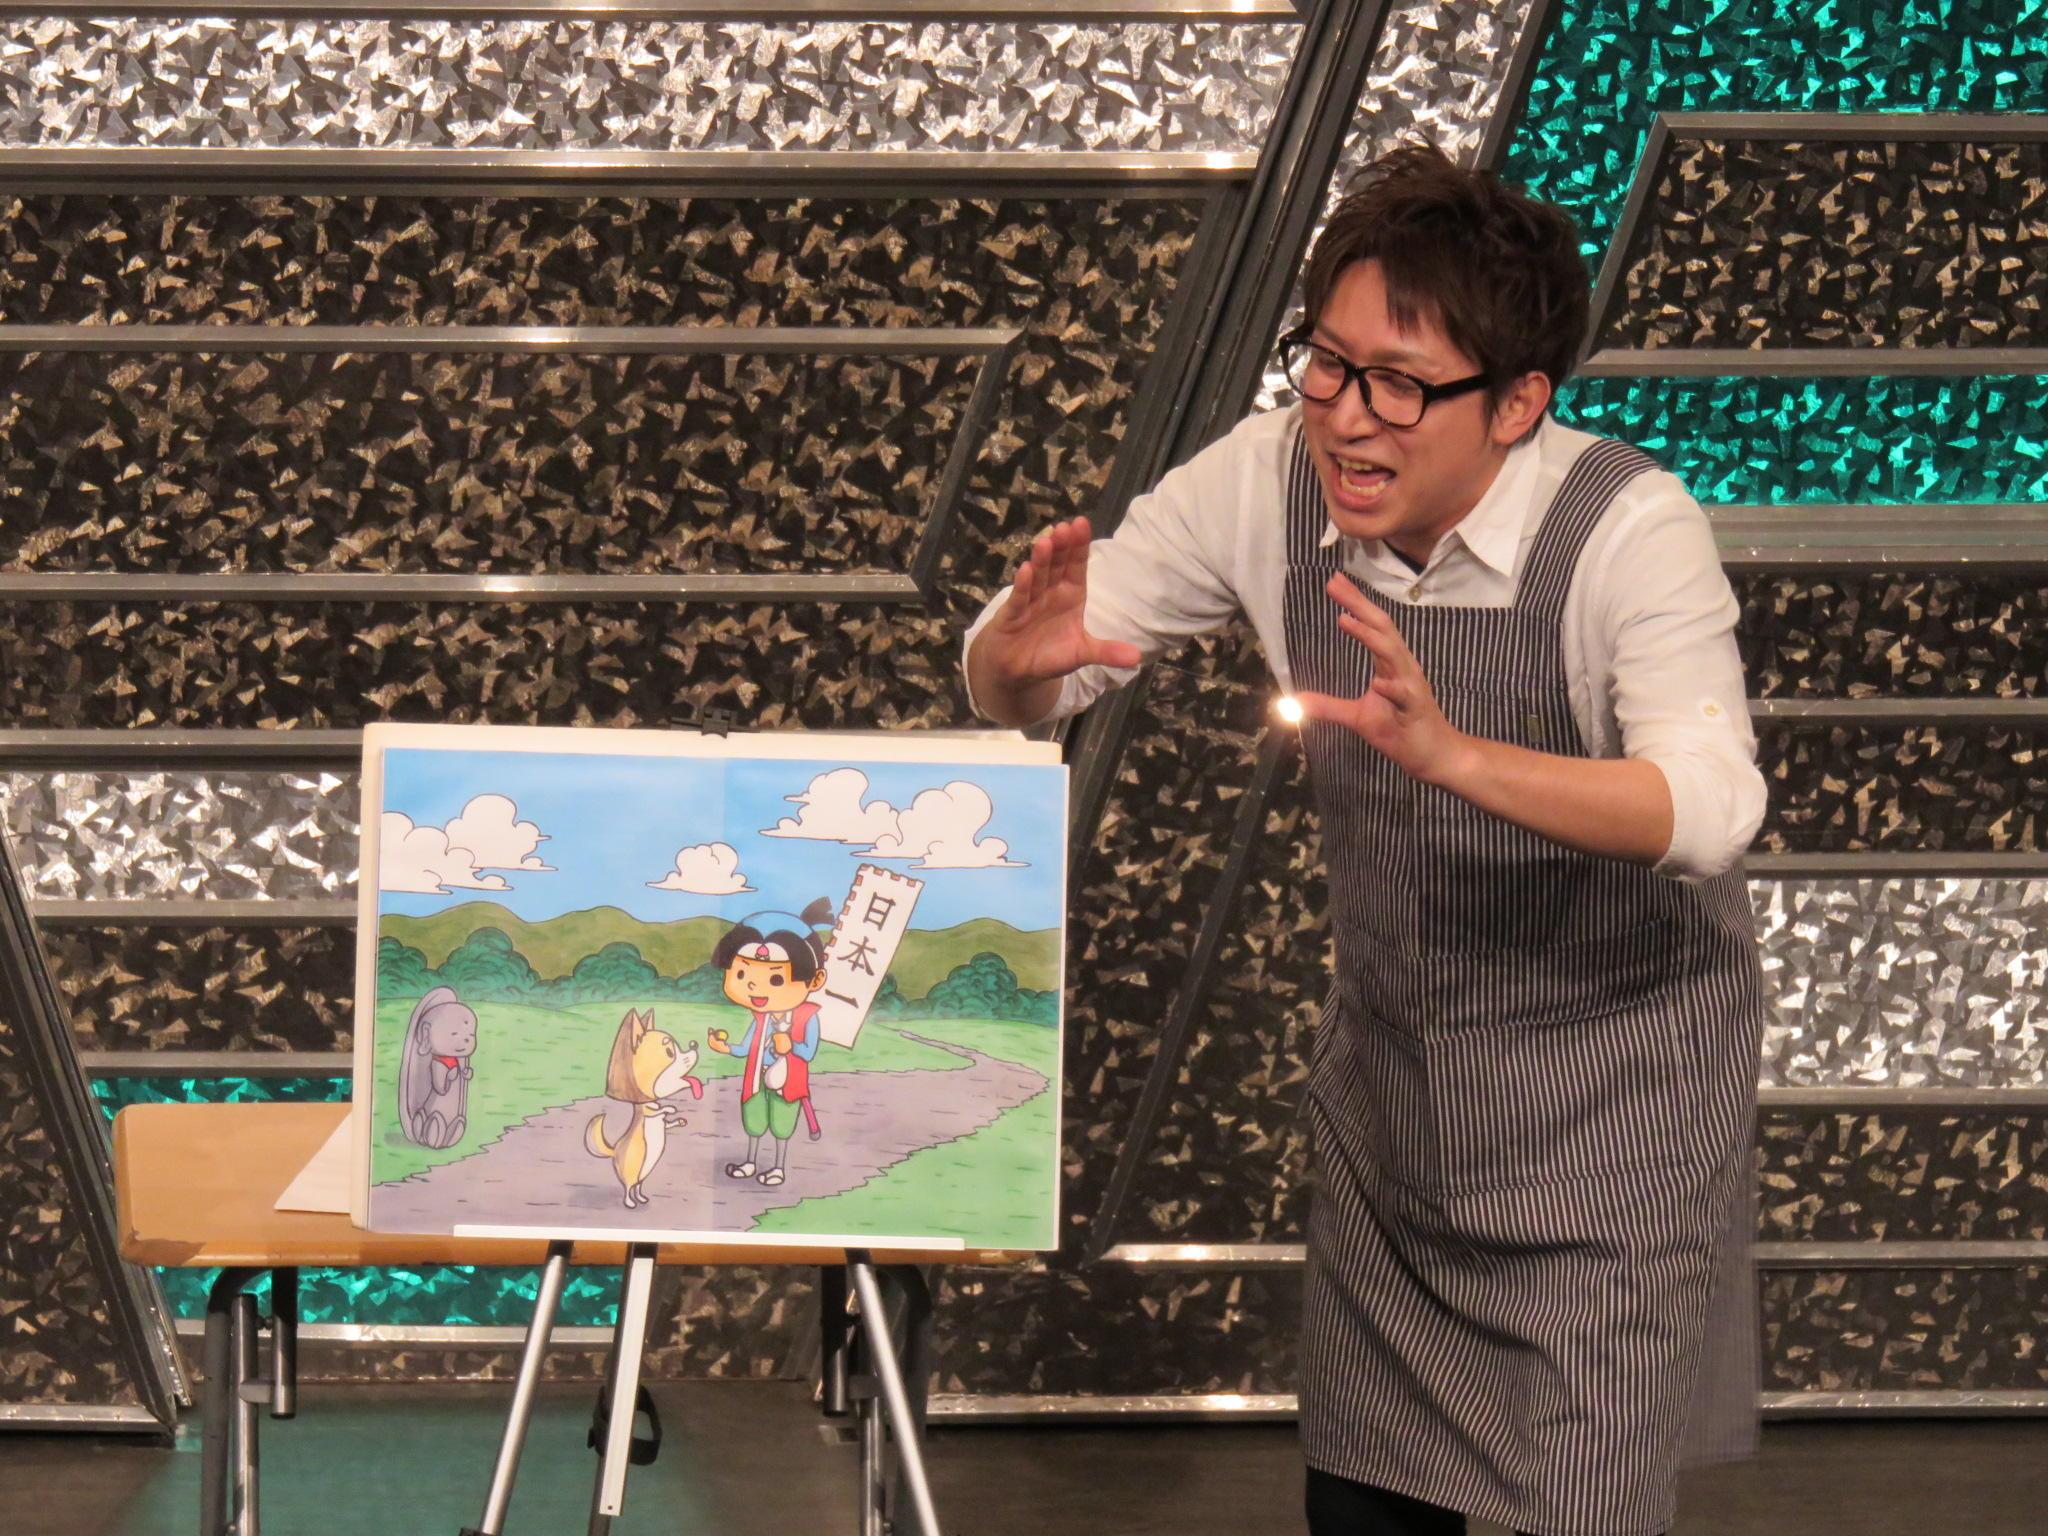 http://news.yoshimoto.co.jp/20151130224355-4ecc55ec0d37fd3875fee3d0a568a4b94050de55.jpg